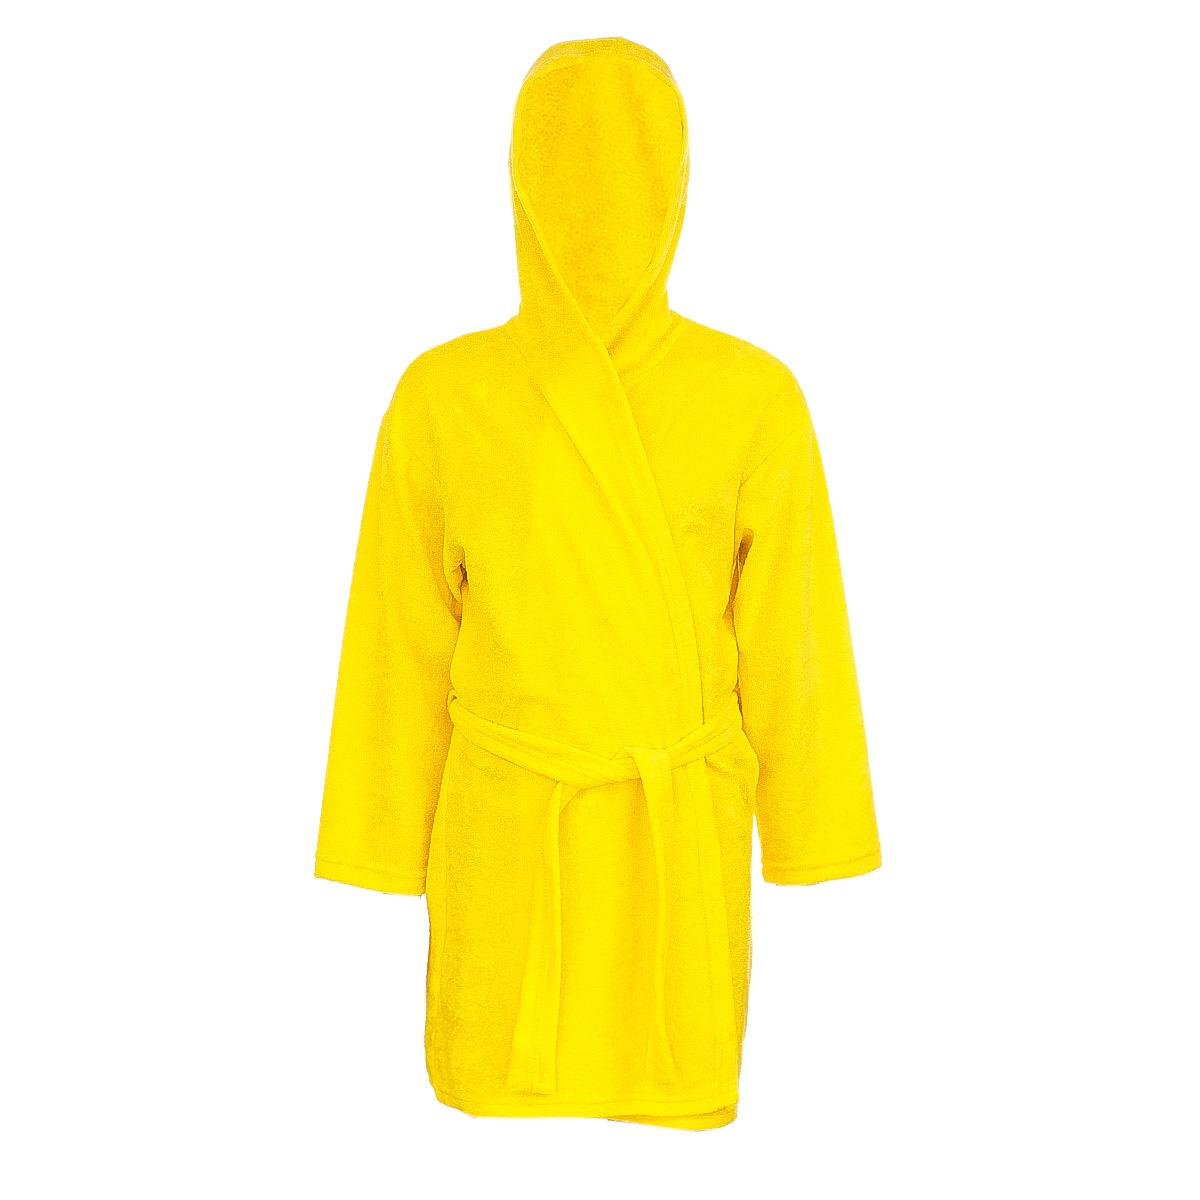 Халат детский M&D, цвет: желтый. Х70502. Размер 92Х70505Мягкий и пушистый халат от фирмы M&D выполнен из хлопка с добавлением полиэстера, приятен к телу и износоустойчив.Халат можно носить по дому или надевать выходя из ванной. Ткань хорошо впитывает влагу и быстро сохнет. Модель с капюшоном и длинными рукавами оснащена шлёвками и поясом.Изделие понравится ребенку, подарит ему тепло, комфорт и уют.